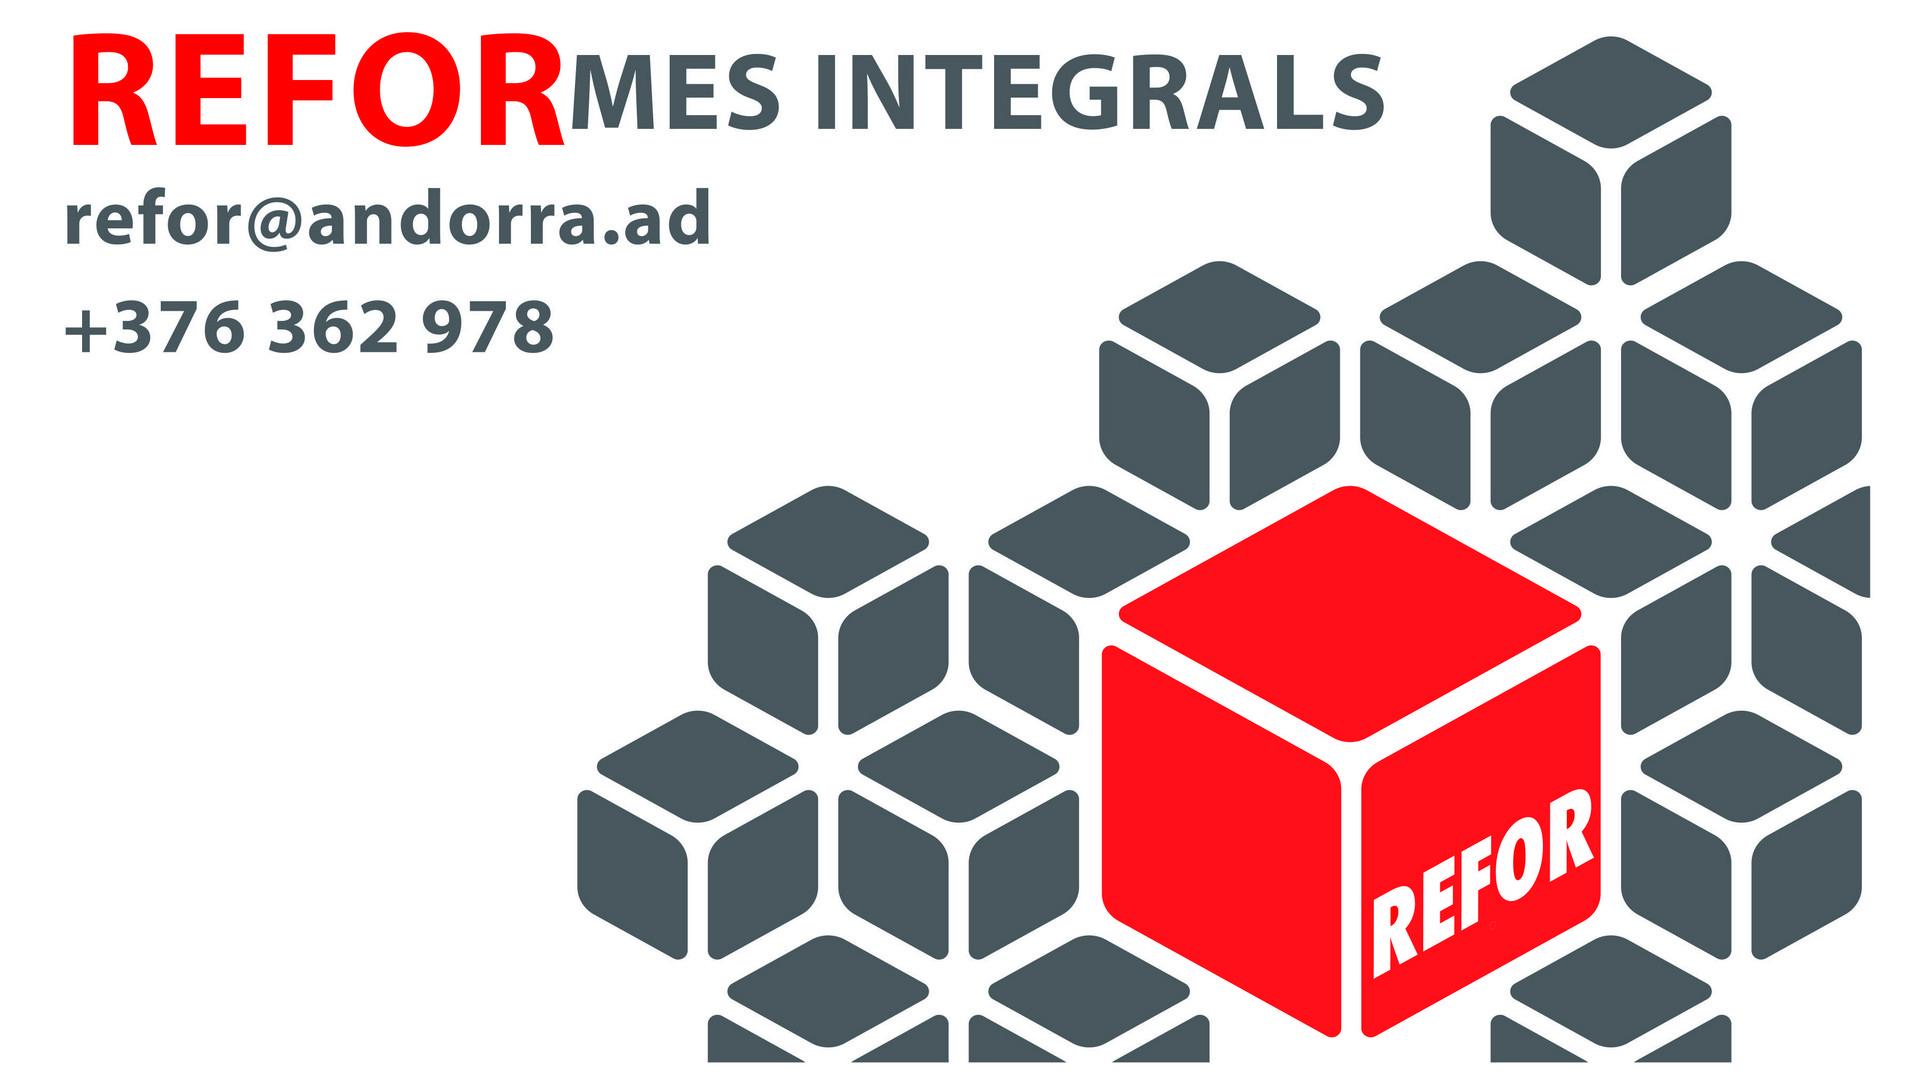 REFOR ANDORRA REFORMES INTEGRALS ANDORRA Reformes integrals d'habitatges. Serveis de disseny de mobiliari i d'interiors. Fem reformes de banys, dissenys des dels clàssics fins a les últimes tendències en banys. Serralleria, Pintura, Fusteria, Il·luminació, Banys, Cuines i Electrodomèstics. REFORMES INTEGRALS ANDORRA reformes Integrals, construccions i manteniments d'habitatges, locals, cuines, banys, etc., Treballs de reformes integrals. Reformes de cuines, reformes de banys, reformes integrals, reformas de cocinas, reformas de baños, reformas integrales, muebles cocina, muebles cocina, mobiliari a mida. AMPLIA EXPERIENCIA EN REFORMAS INTEGRALES DE VIVIENDAS  Si necesitas realizar la obra de reforma integral de tu vivienda en Andorra  con la firmeza y confianza de convertirla en el hogar de tus sueños y no en una horrible pesadilla, desde Arquitectos e Interioristas Causa Estudi Andorra te ofrecemos nuestra experiencia y profesionalidad a la hora de realizar reformas integrales de viviendas en Andorra. Invertimos nuestro tiempo y esfuerzo por mejorar día a día y ser capaces de satisfacer todas las necesidades de nuestros clientes en reformas, renovaciones y rehabilitaciones de viviendas. Un esfuerzo y un saber hacer al que hemos llegado después de años de trabajo en reformas integrales de todo tipo de establecimientos, desde Restaurantes hasta tiendas de moda pasando por chalets, apartamentos y pisos en Andorra, siendo esta la parte más importante de nuestro trabajo, convirtiéndonos en una de las principales empresas de reformas del Principado de Andorra .